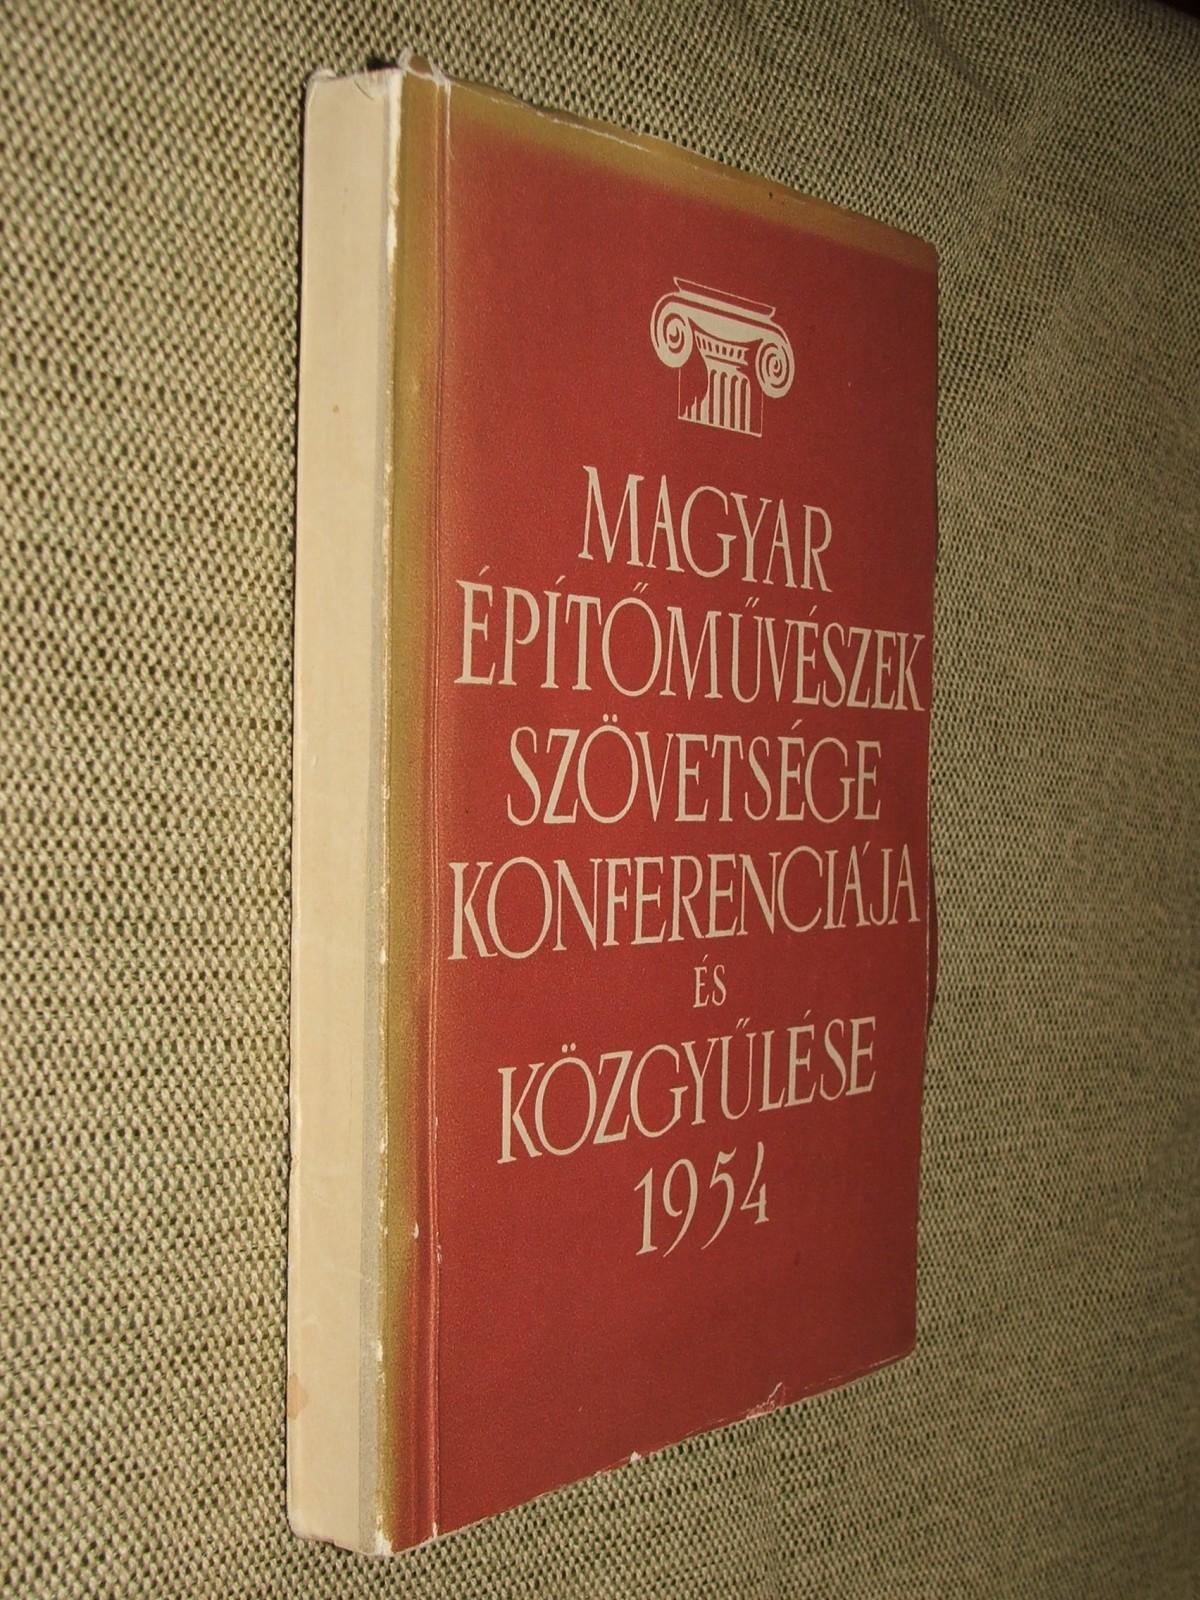 Magyar Építőművészek Szövetsége konferenciája és közgyűlése 1954